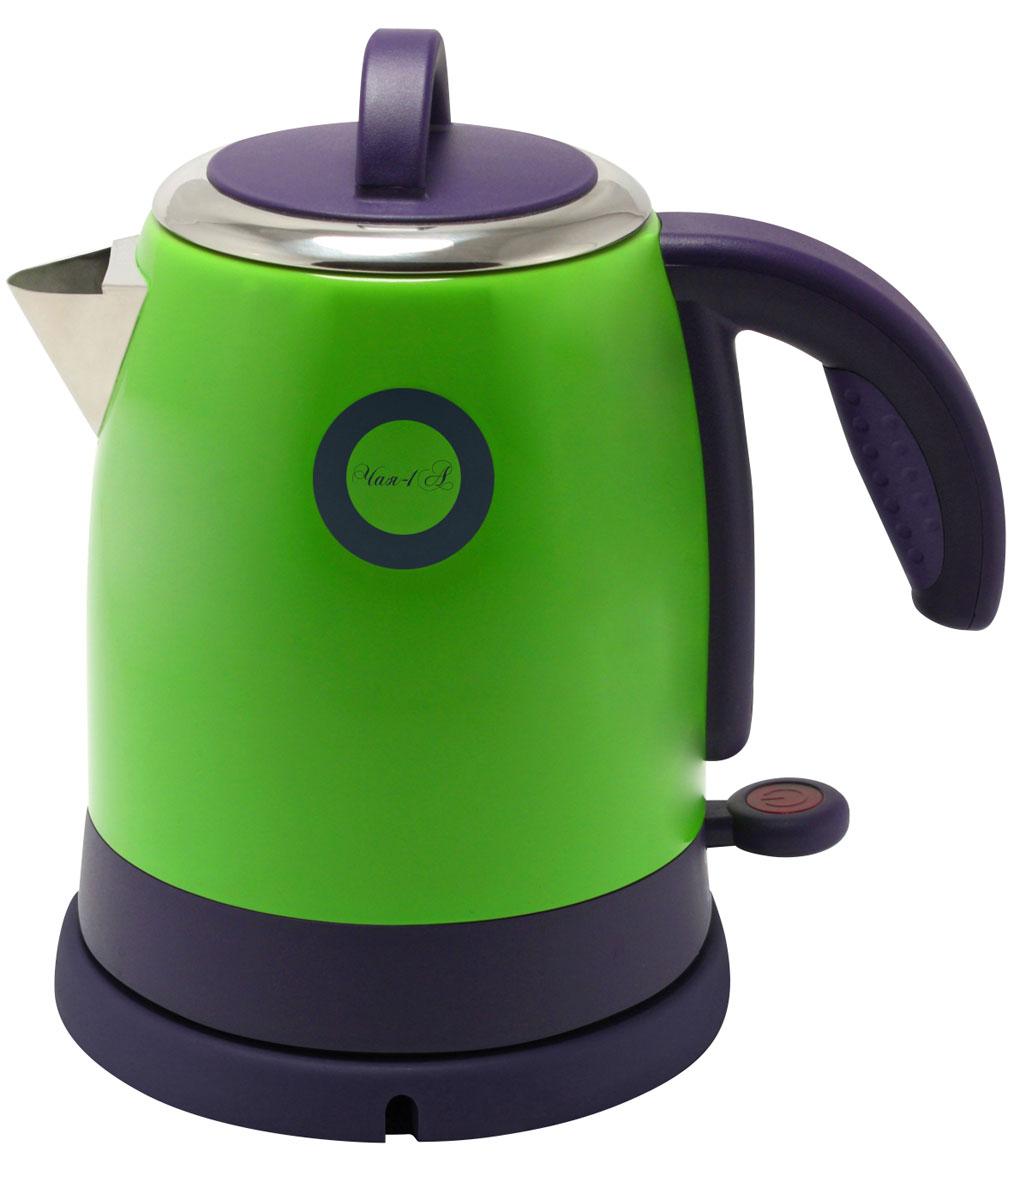 Великие Реки Чая-1А, Green электрический чайникЧая-1АВеликие Реки Чая-1А - стильный и недорогой электрический чайник в корпусе из нержавеющей стали. Модель снабжена широкой горловиной, съемной крышкой и эргономичной ручкой. Имеется также шкала уровня воды, индикатор работы и возможность вращения чайника на 360 градусов. Безопасность в использовании обеспечивает встроенная защита от перегрева.